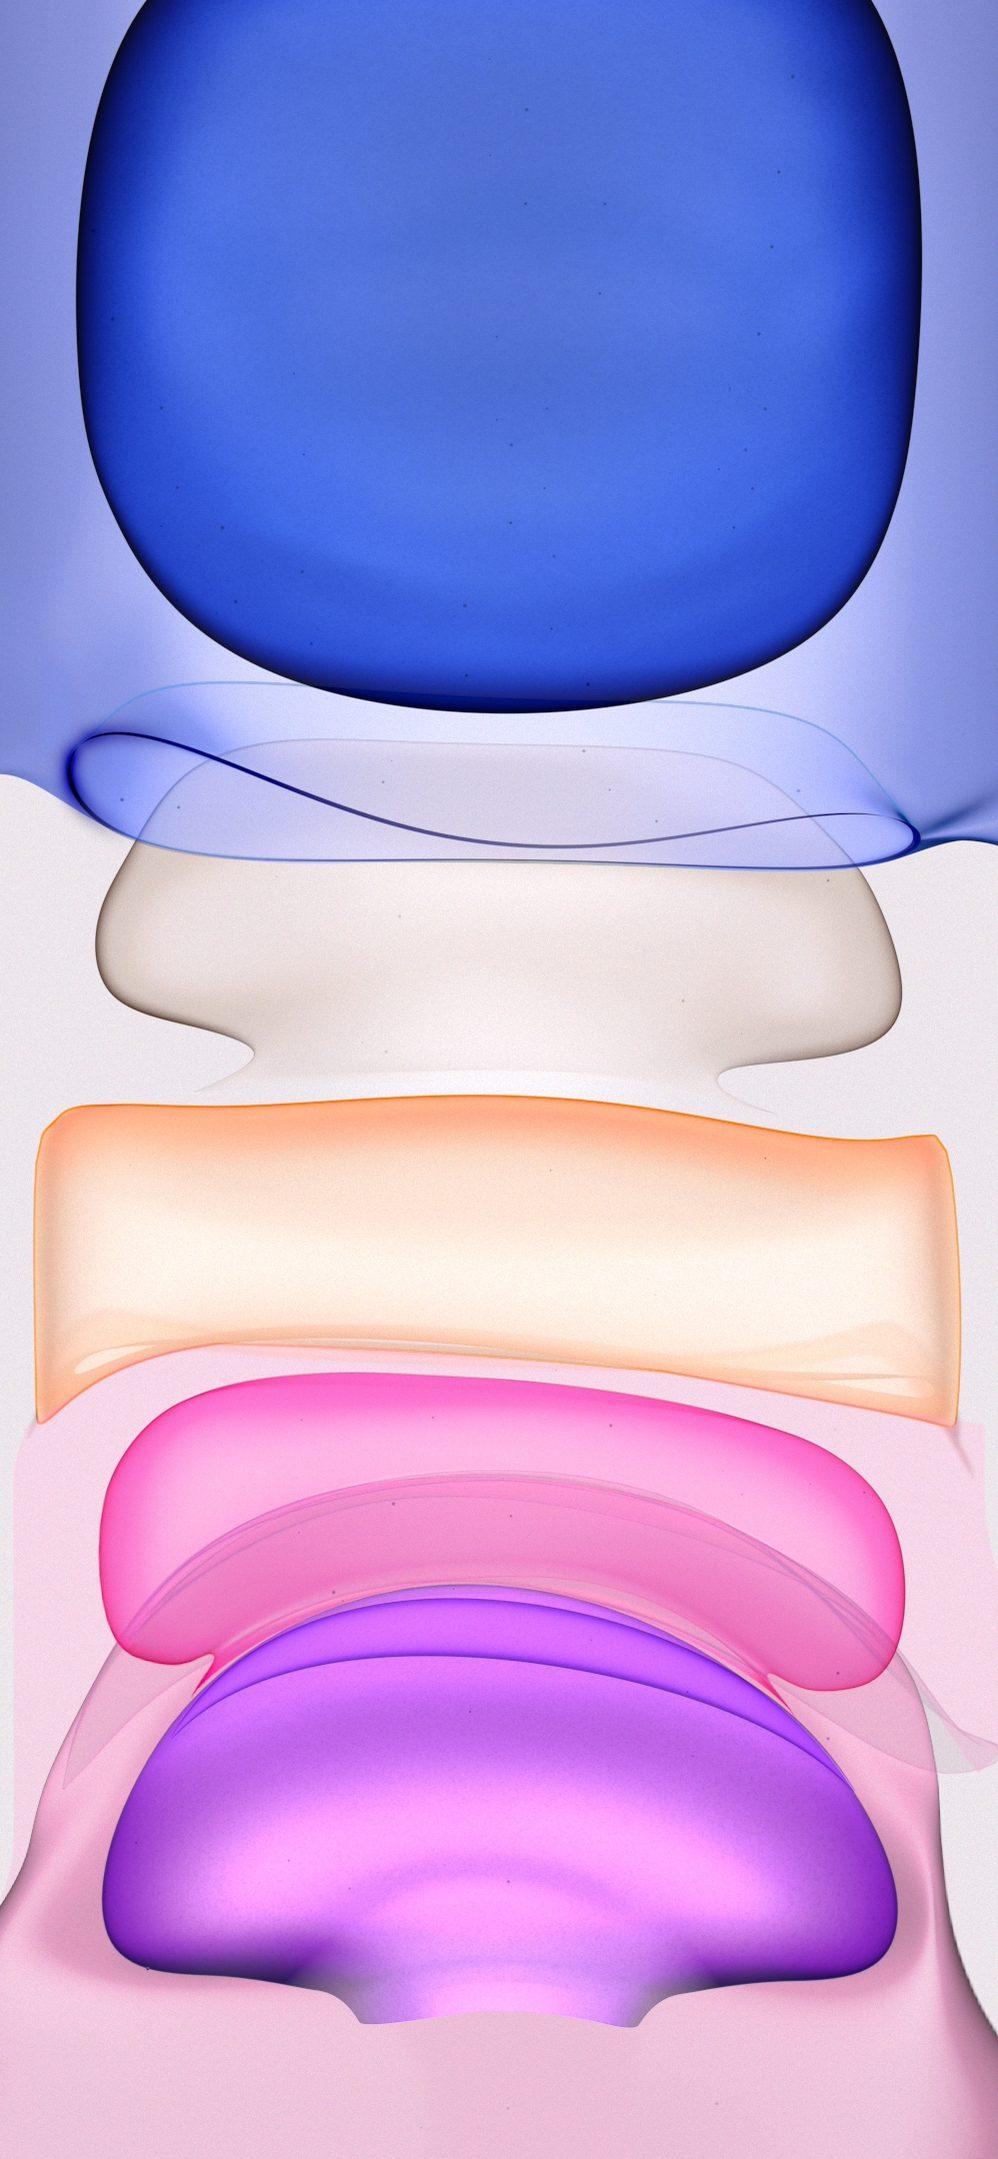 ios originals hd 4k wallpaper iphone ipad pro